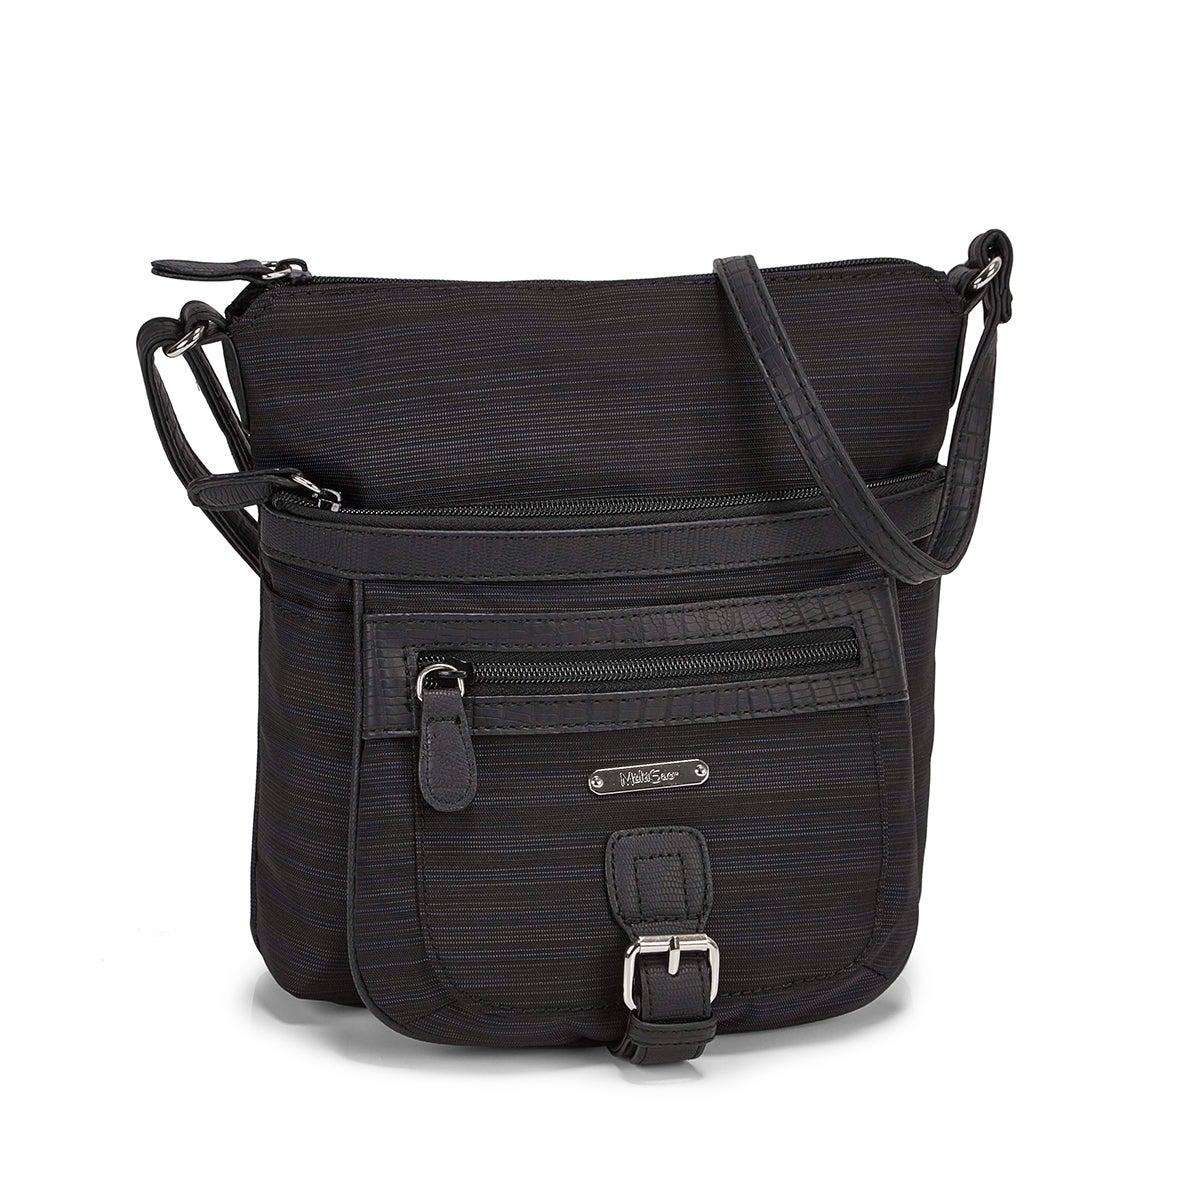 Lds black/black top zip crossbody bag